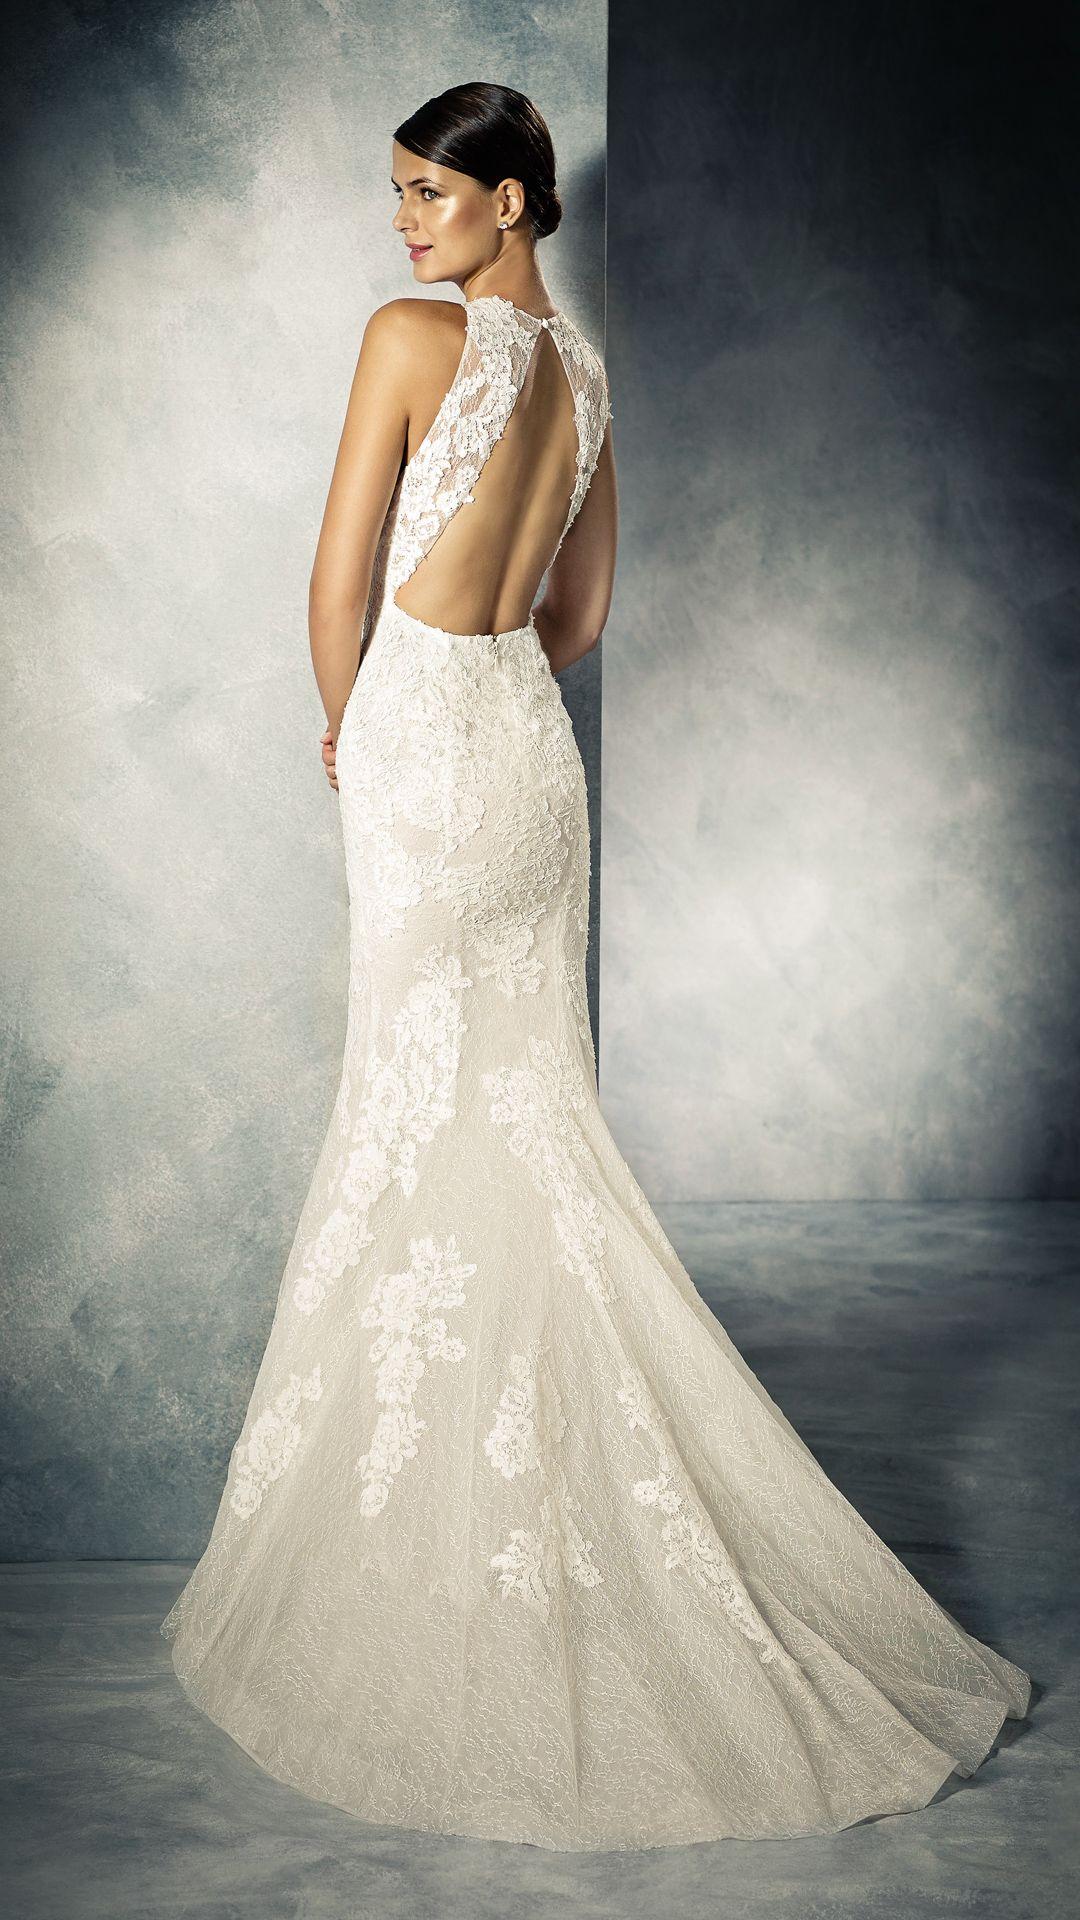 Hochzeitskleider 200 White One Kollektion Modell: JENSEN-C-20